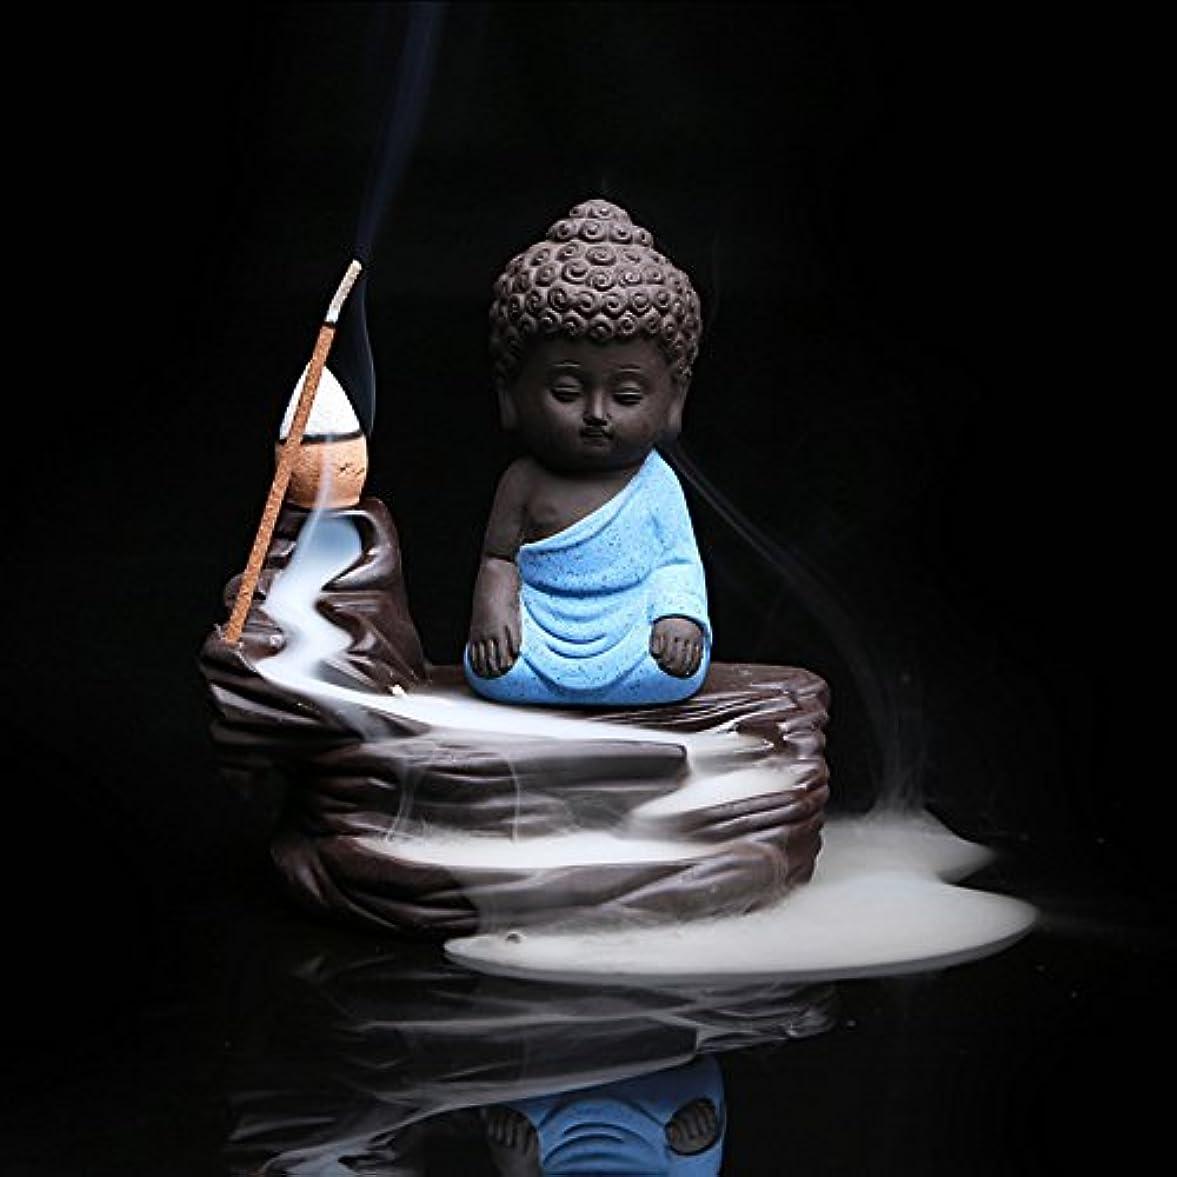 嫌いしがみつくモナリザZehuiホームデコレーションクリエイティブ逆流香炉コーンスティックホルダーSmall Buddhaセラミック香炉ホーム装飾 ブルー mhy-ZJ1204-jj125